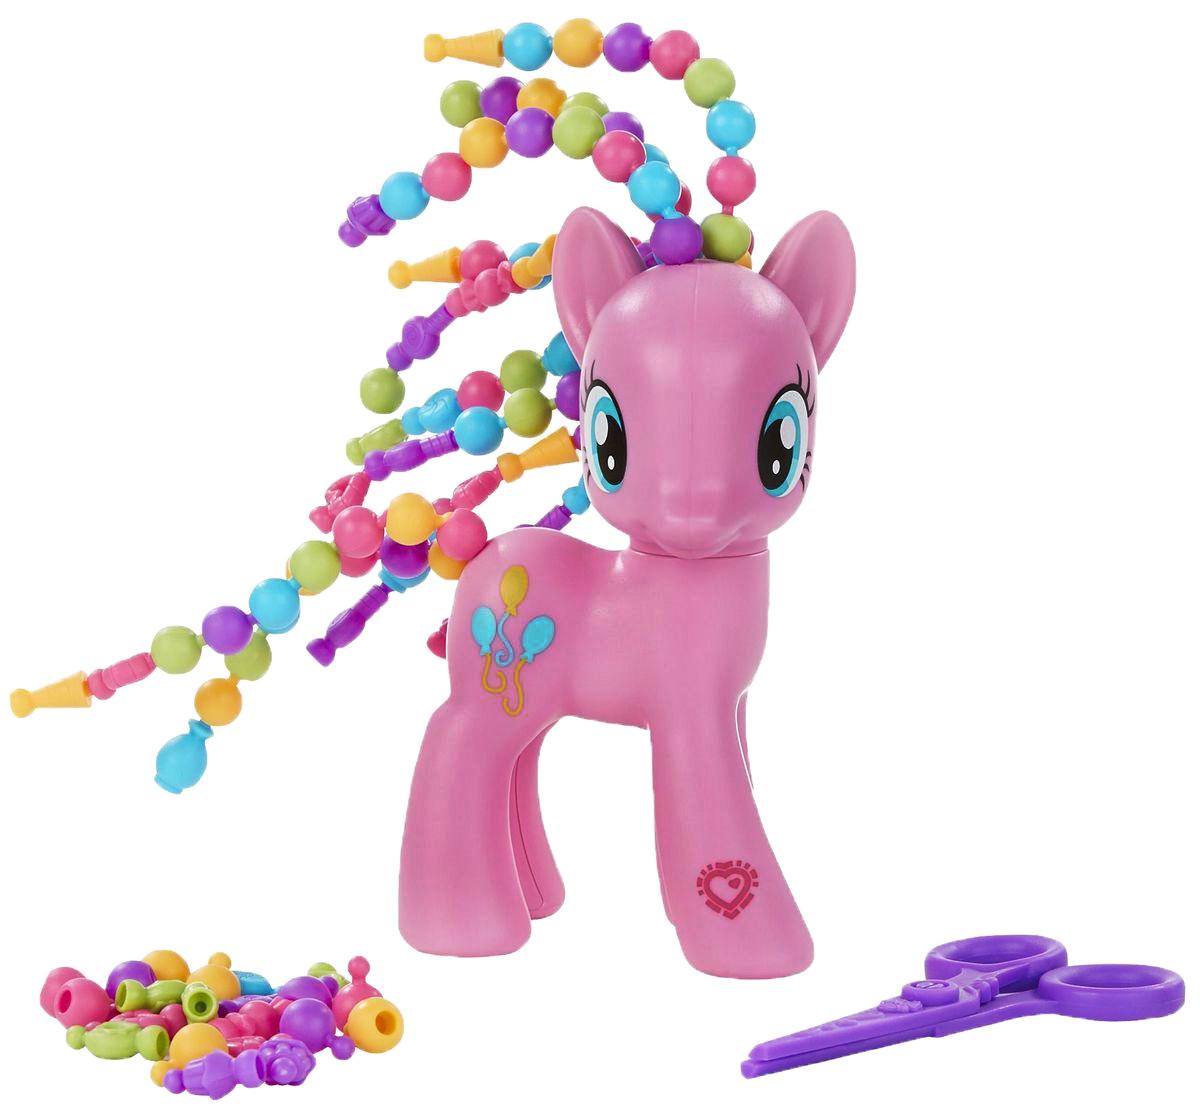 My Little Pony Фигурка Pinkie Pie с разными прическамиB3603EU4_B5417Фигурка My Little Pony Pinkie Pie из популярного мультсериала Дружба - это чудо со смешной прической украсит полку любой девочки. Игрушка изготовлена из пластика, который безопасен для здоровья ребенка. Помимо фигурки в набор входят различные аксессуары для создания стильного образа Пинки Пай. На ножке фигурки лошадки вы найдете специальный код, который сканируется при помощи мобильного устройства и открывает дополнительные функции в игровом приложении My Little Pony. Ваша малышка будет в восторге от такого подарка!